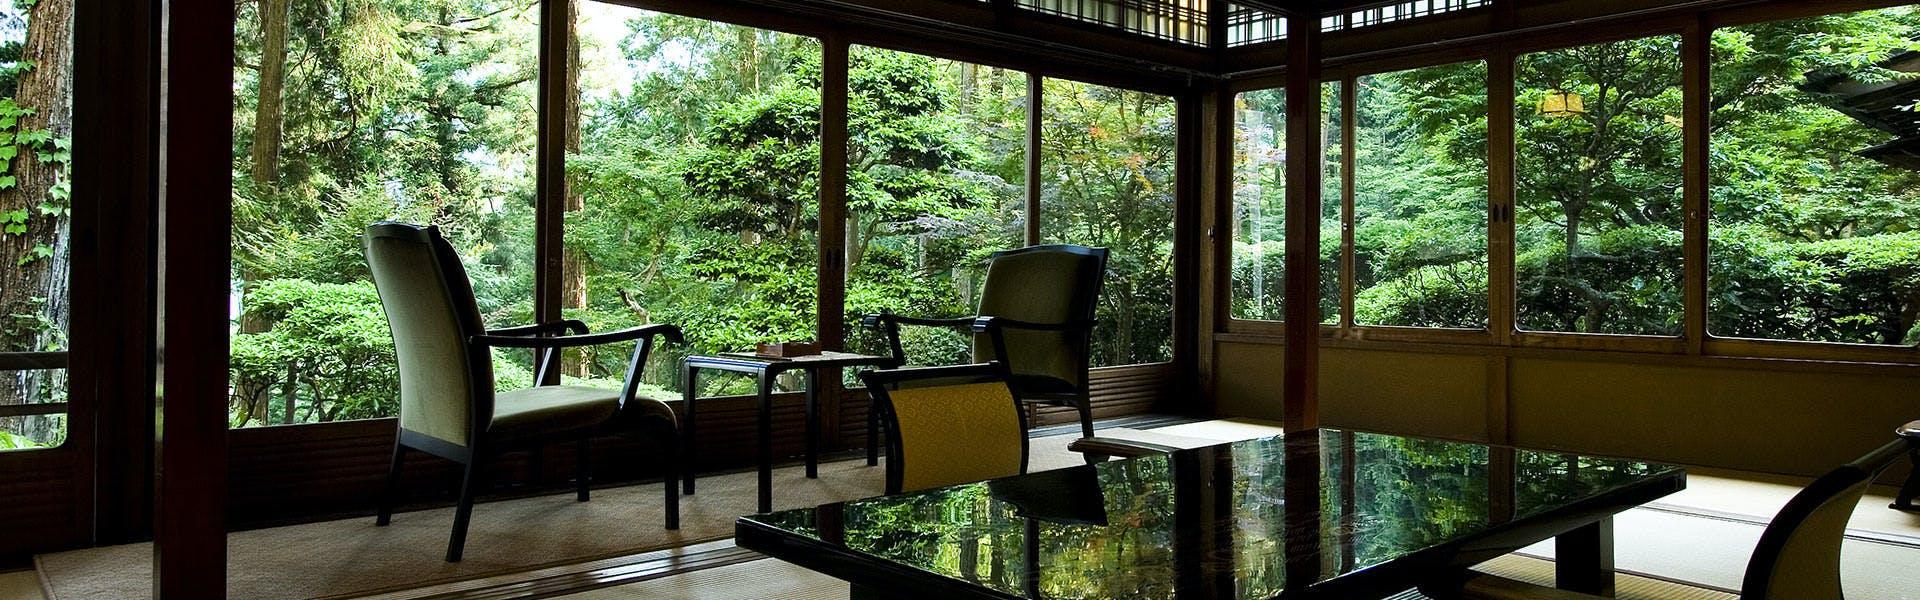 記念日におすすめのホテル・下呂温泉 湯之島館の写真1